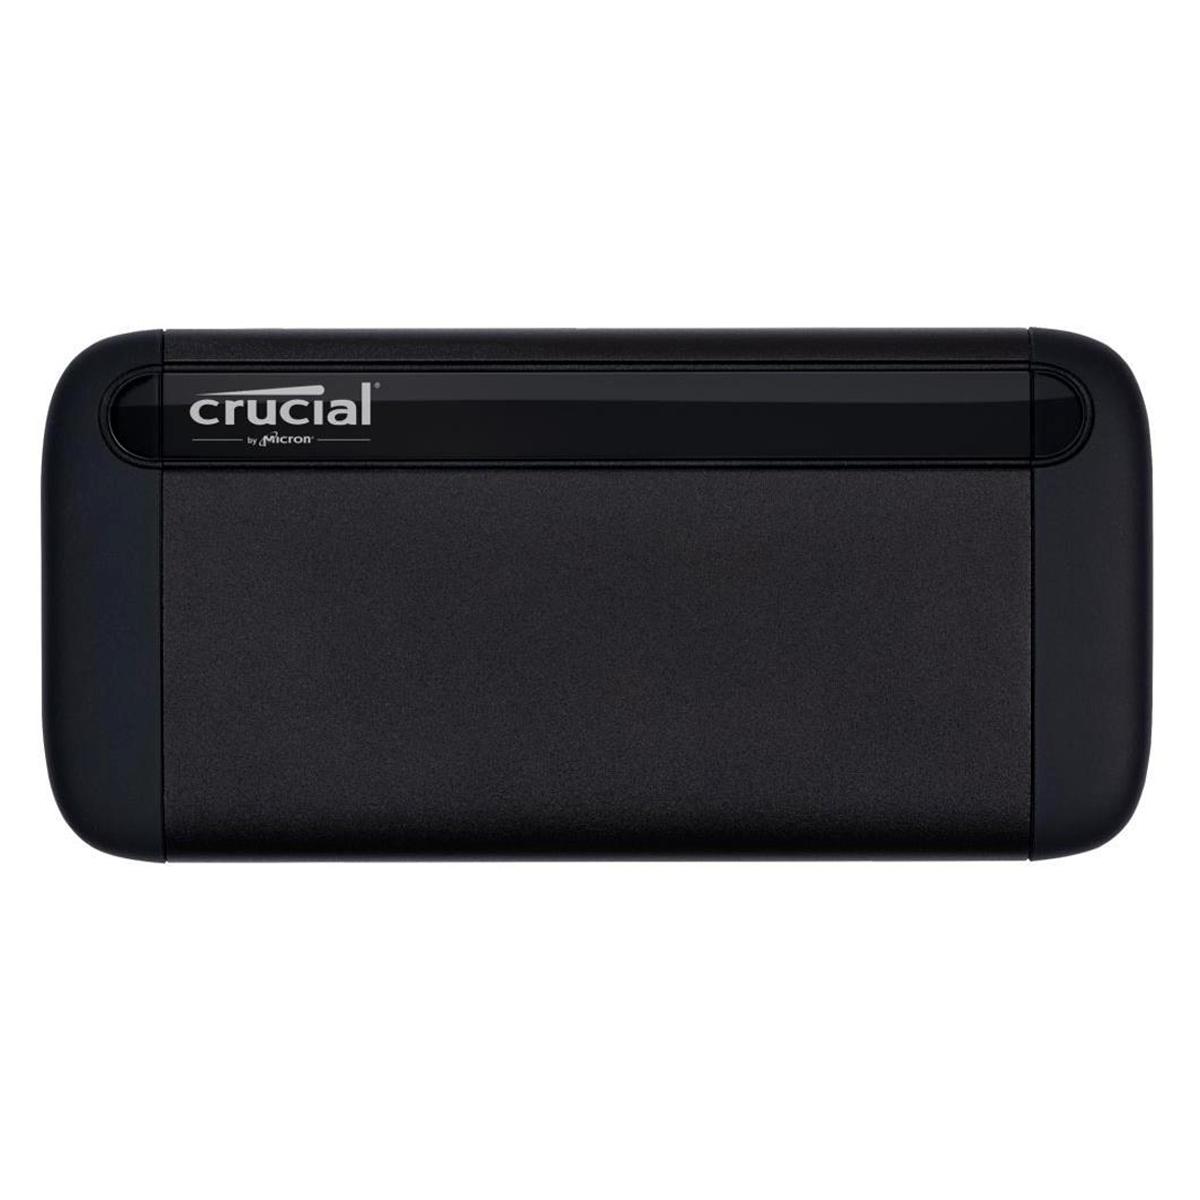 크루셜 X8 Portable 외장SSD CT1000X8SSD9, 500GB, 혼합 색상